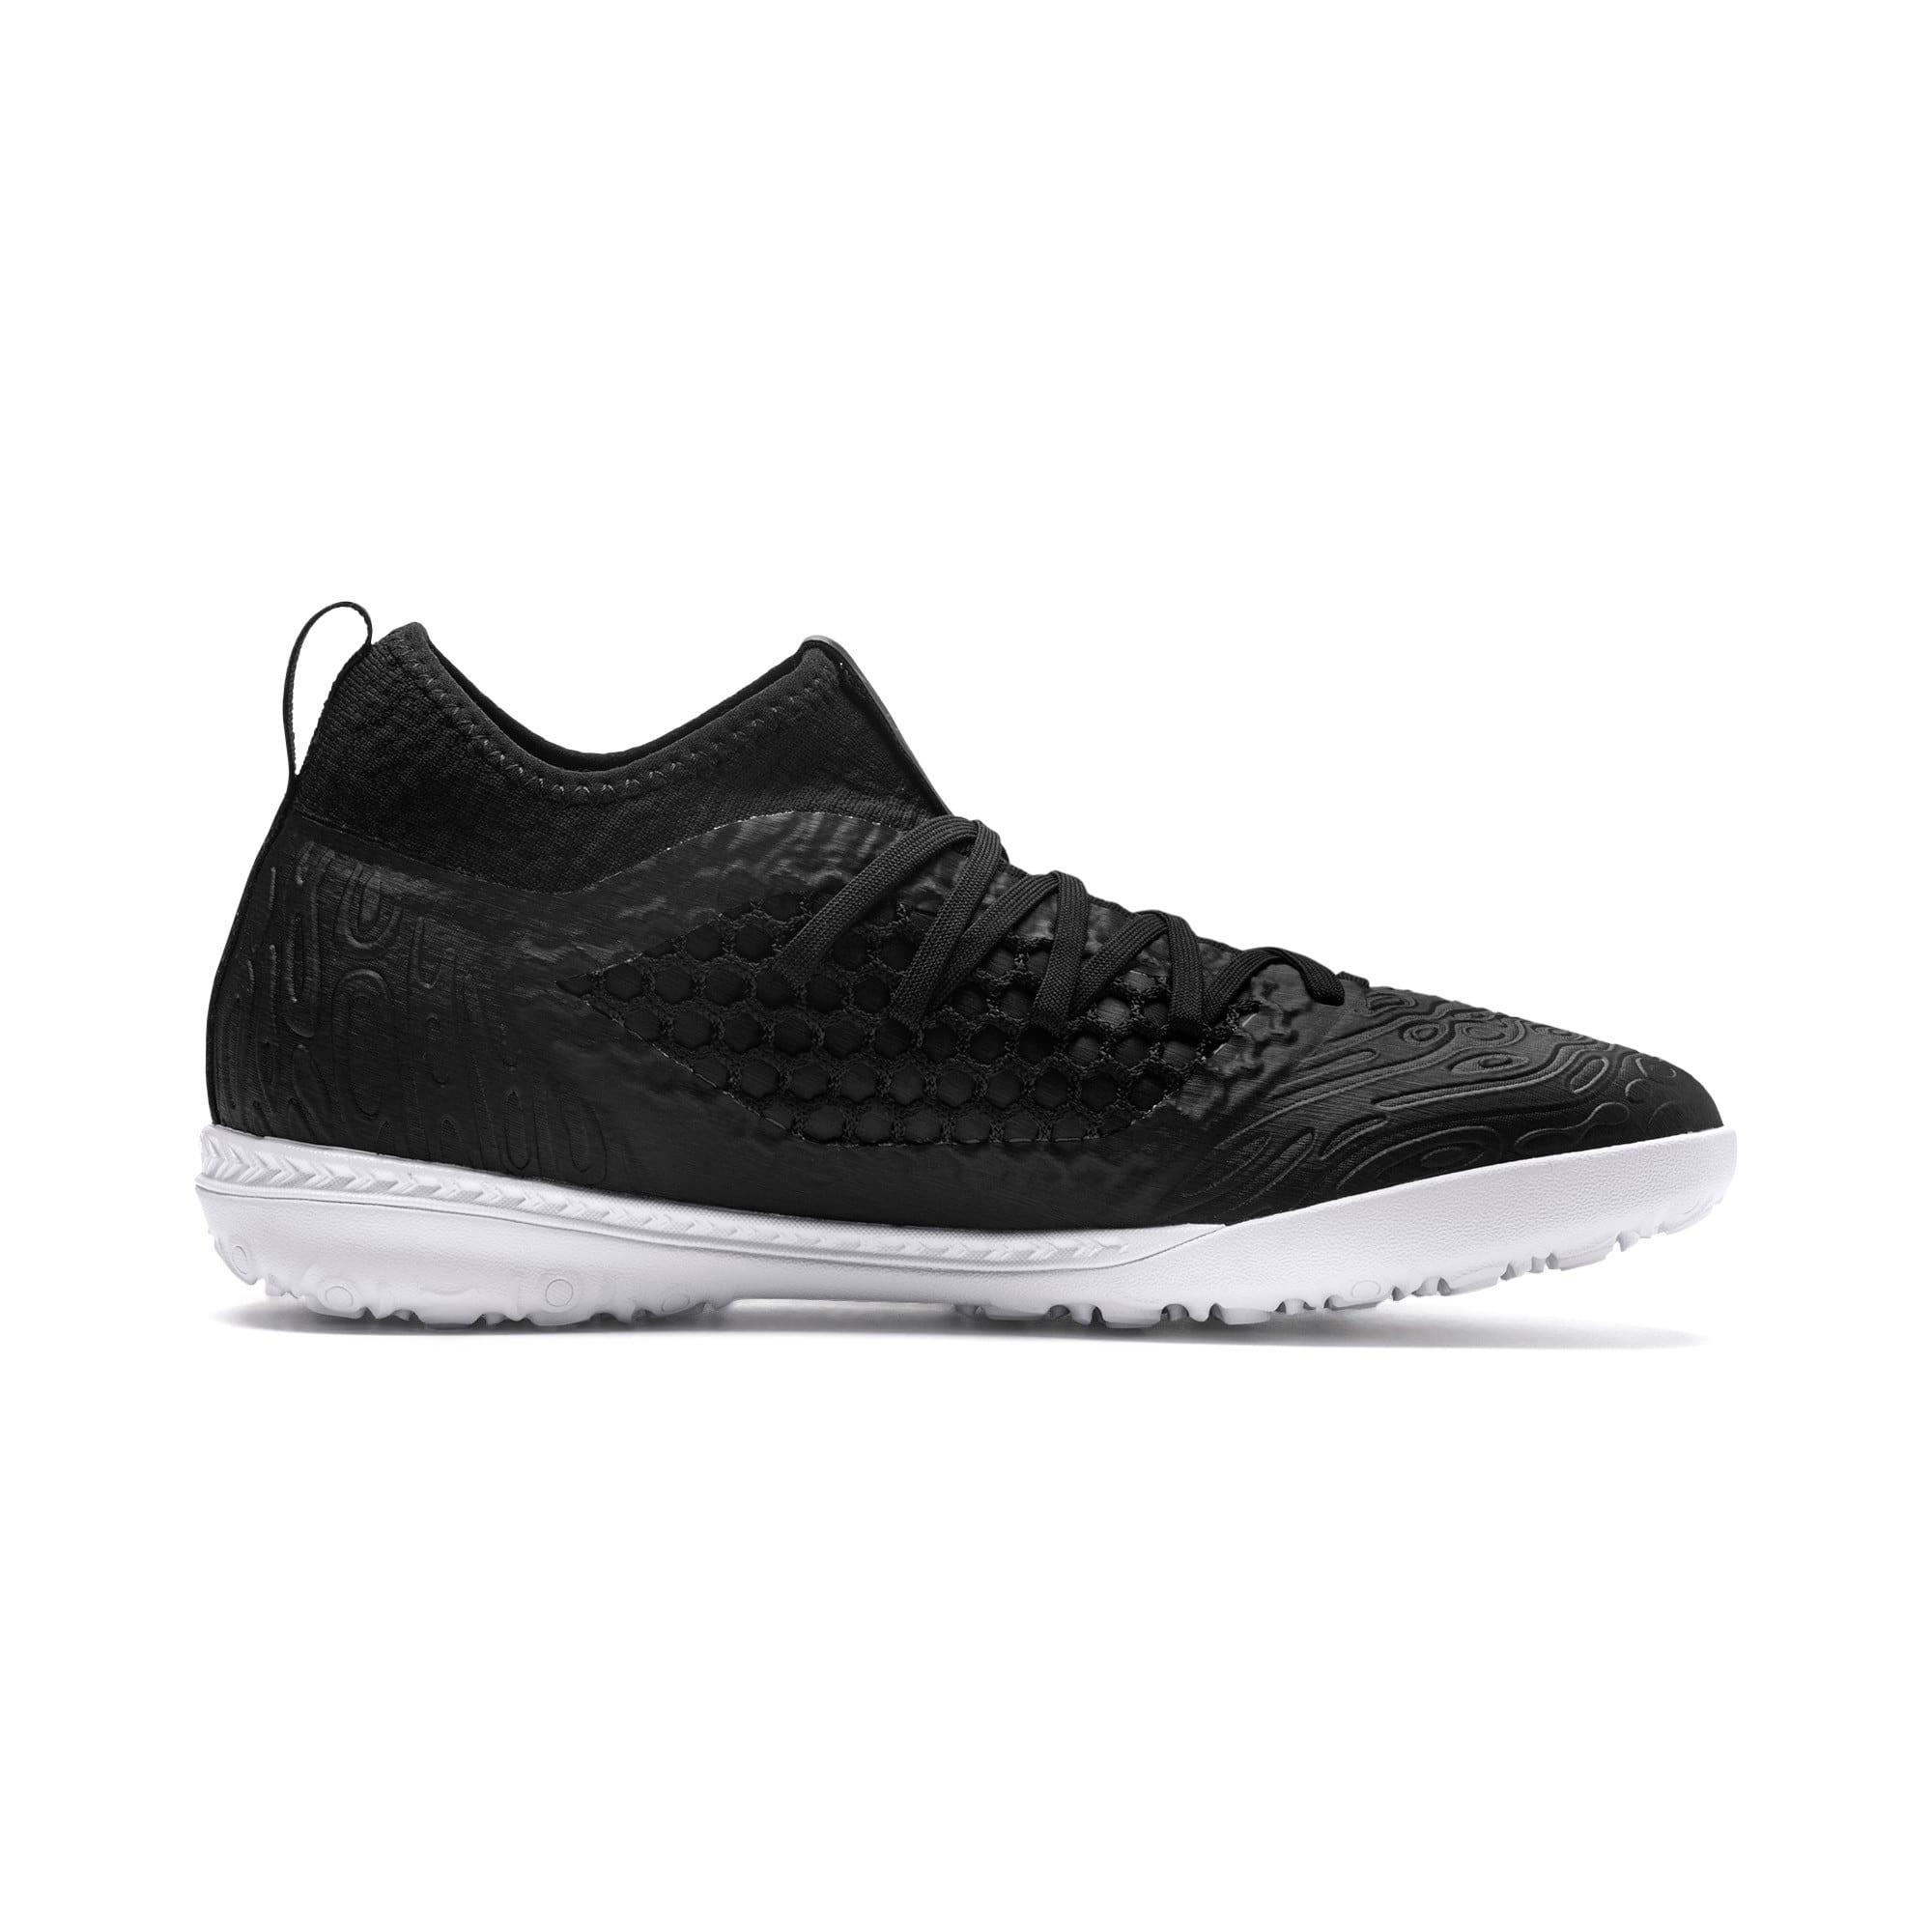 Thumbnail 5 of FUTURE 19.3 NETFIT TT Men's Soccer Shoes, Puma Black-Puma Black-White, medium